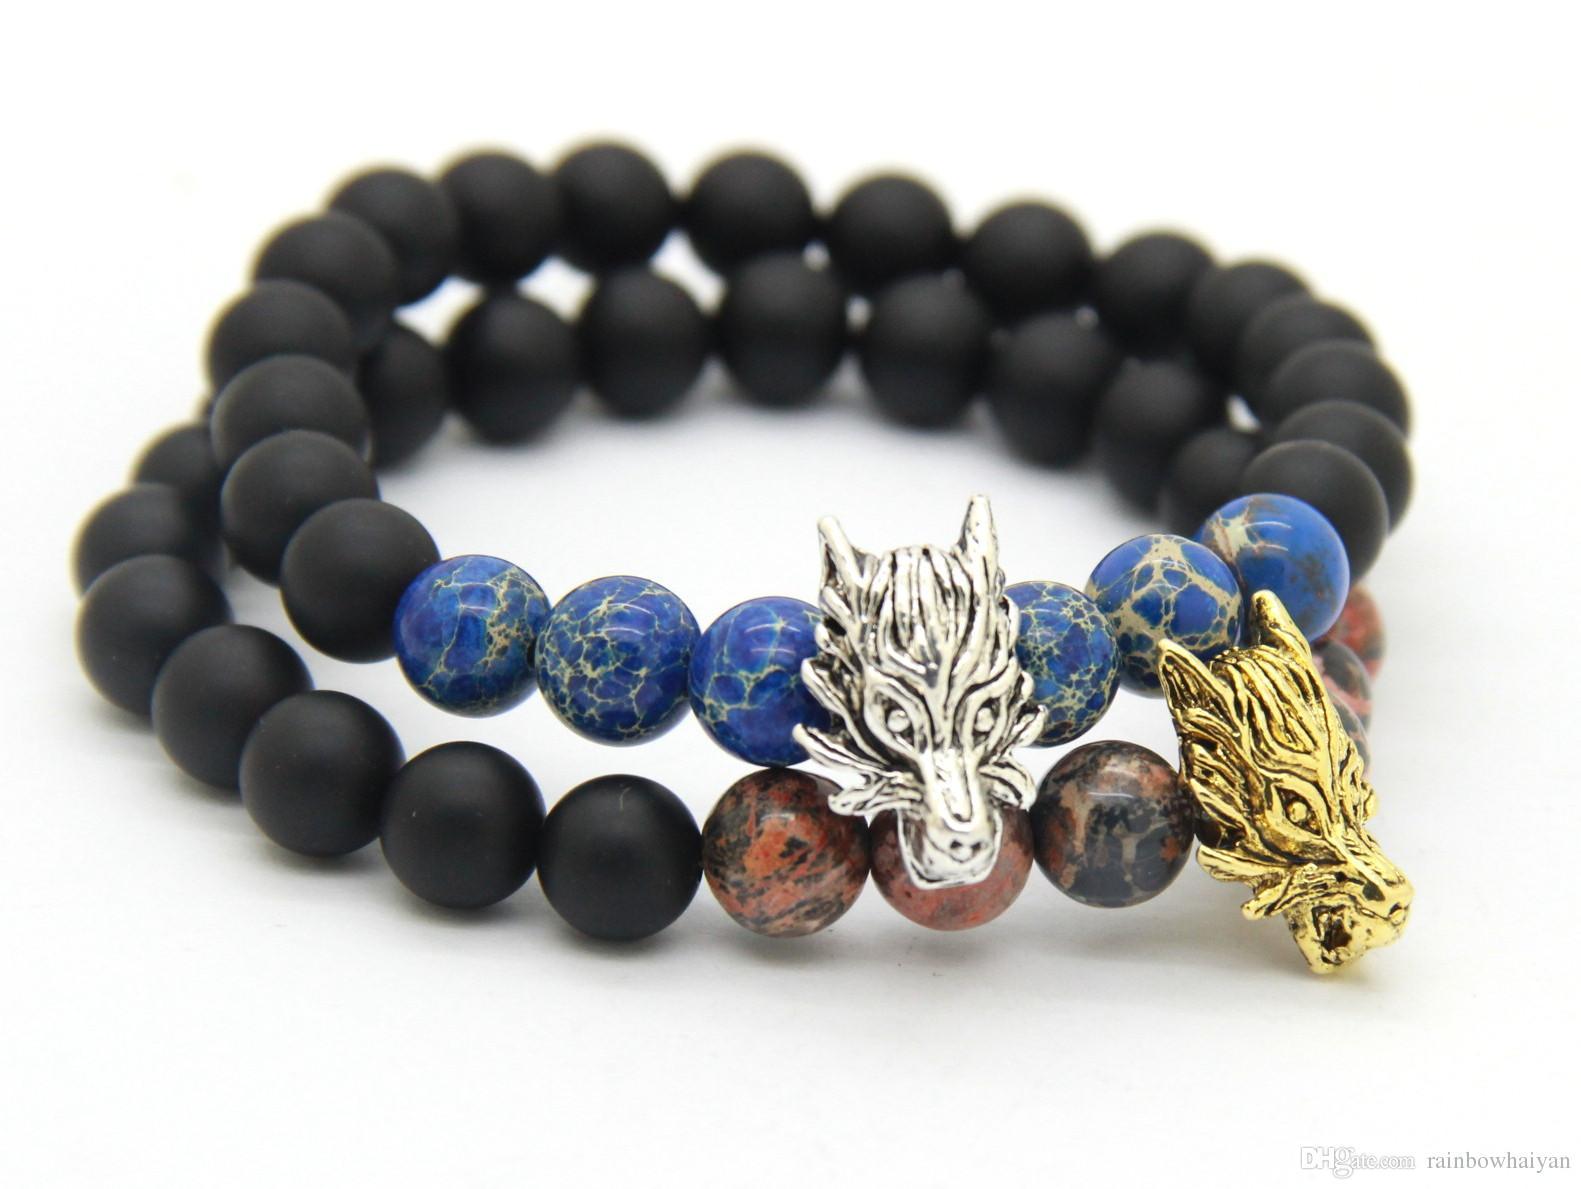 Nieuwe aankomst kralen heren stretch armbanden groothandel matte agaat, blauwe zee sediment steen goud en zilveren wolf armbanden heren geschenk sieraden